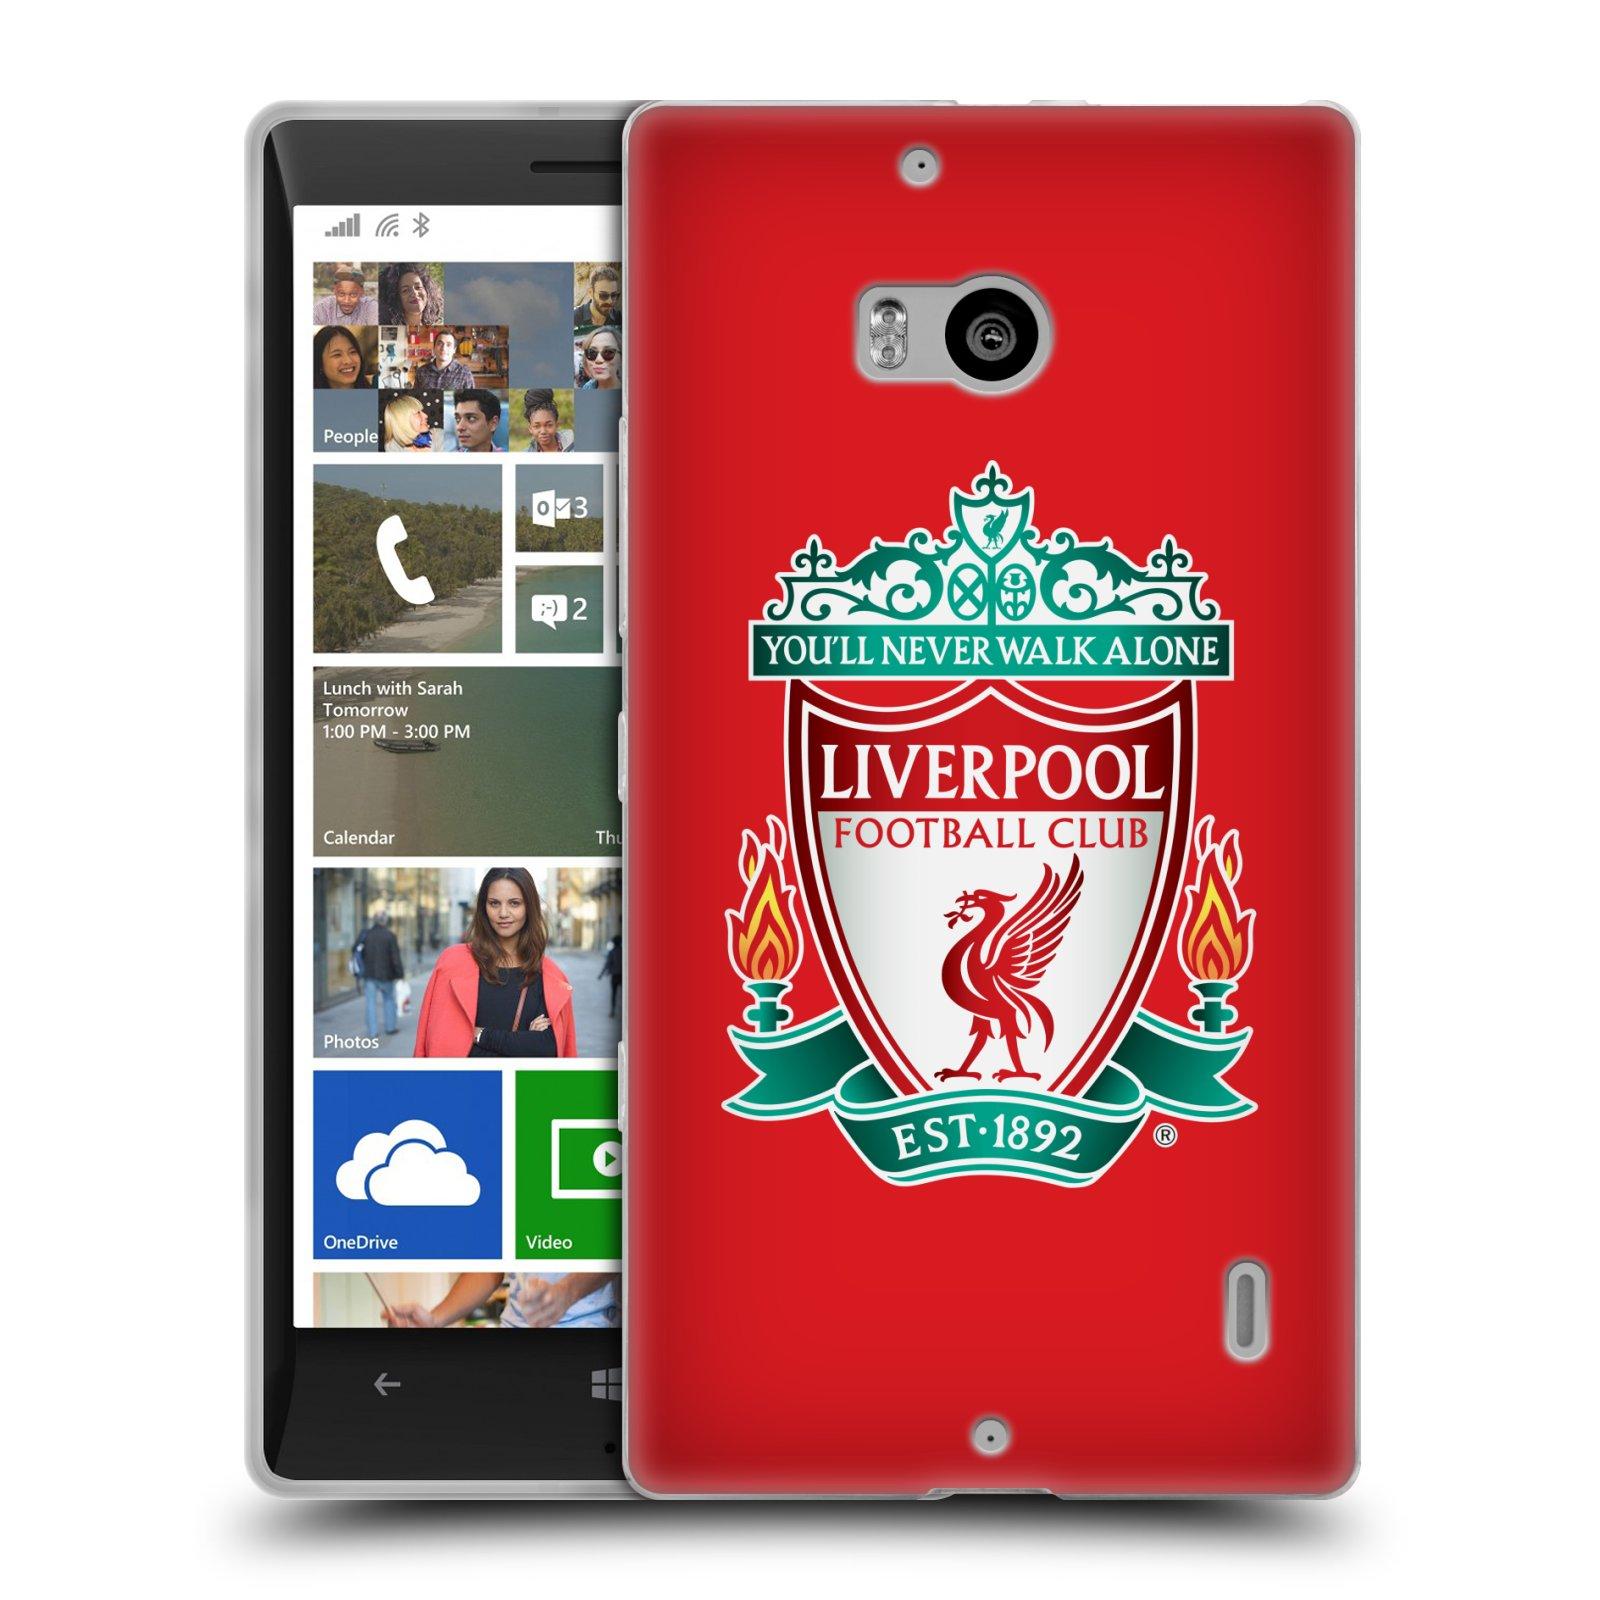 Silikonové pouzdro na mobil Nokia Lumia 930 HEAD CASE ZNAK LIVERPOOL FC OFFICIAL RED (Silikonový kryt či obal na mobilní telefon Liverpool FC Official pro Nokia Lumia 930)